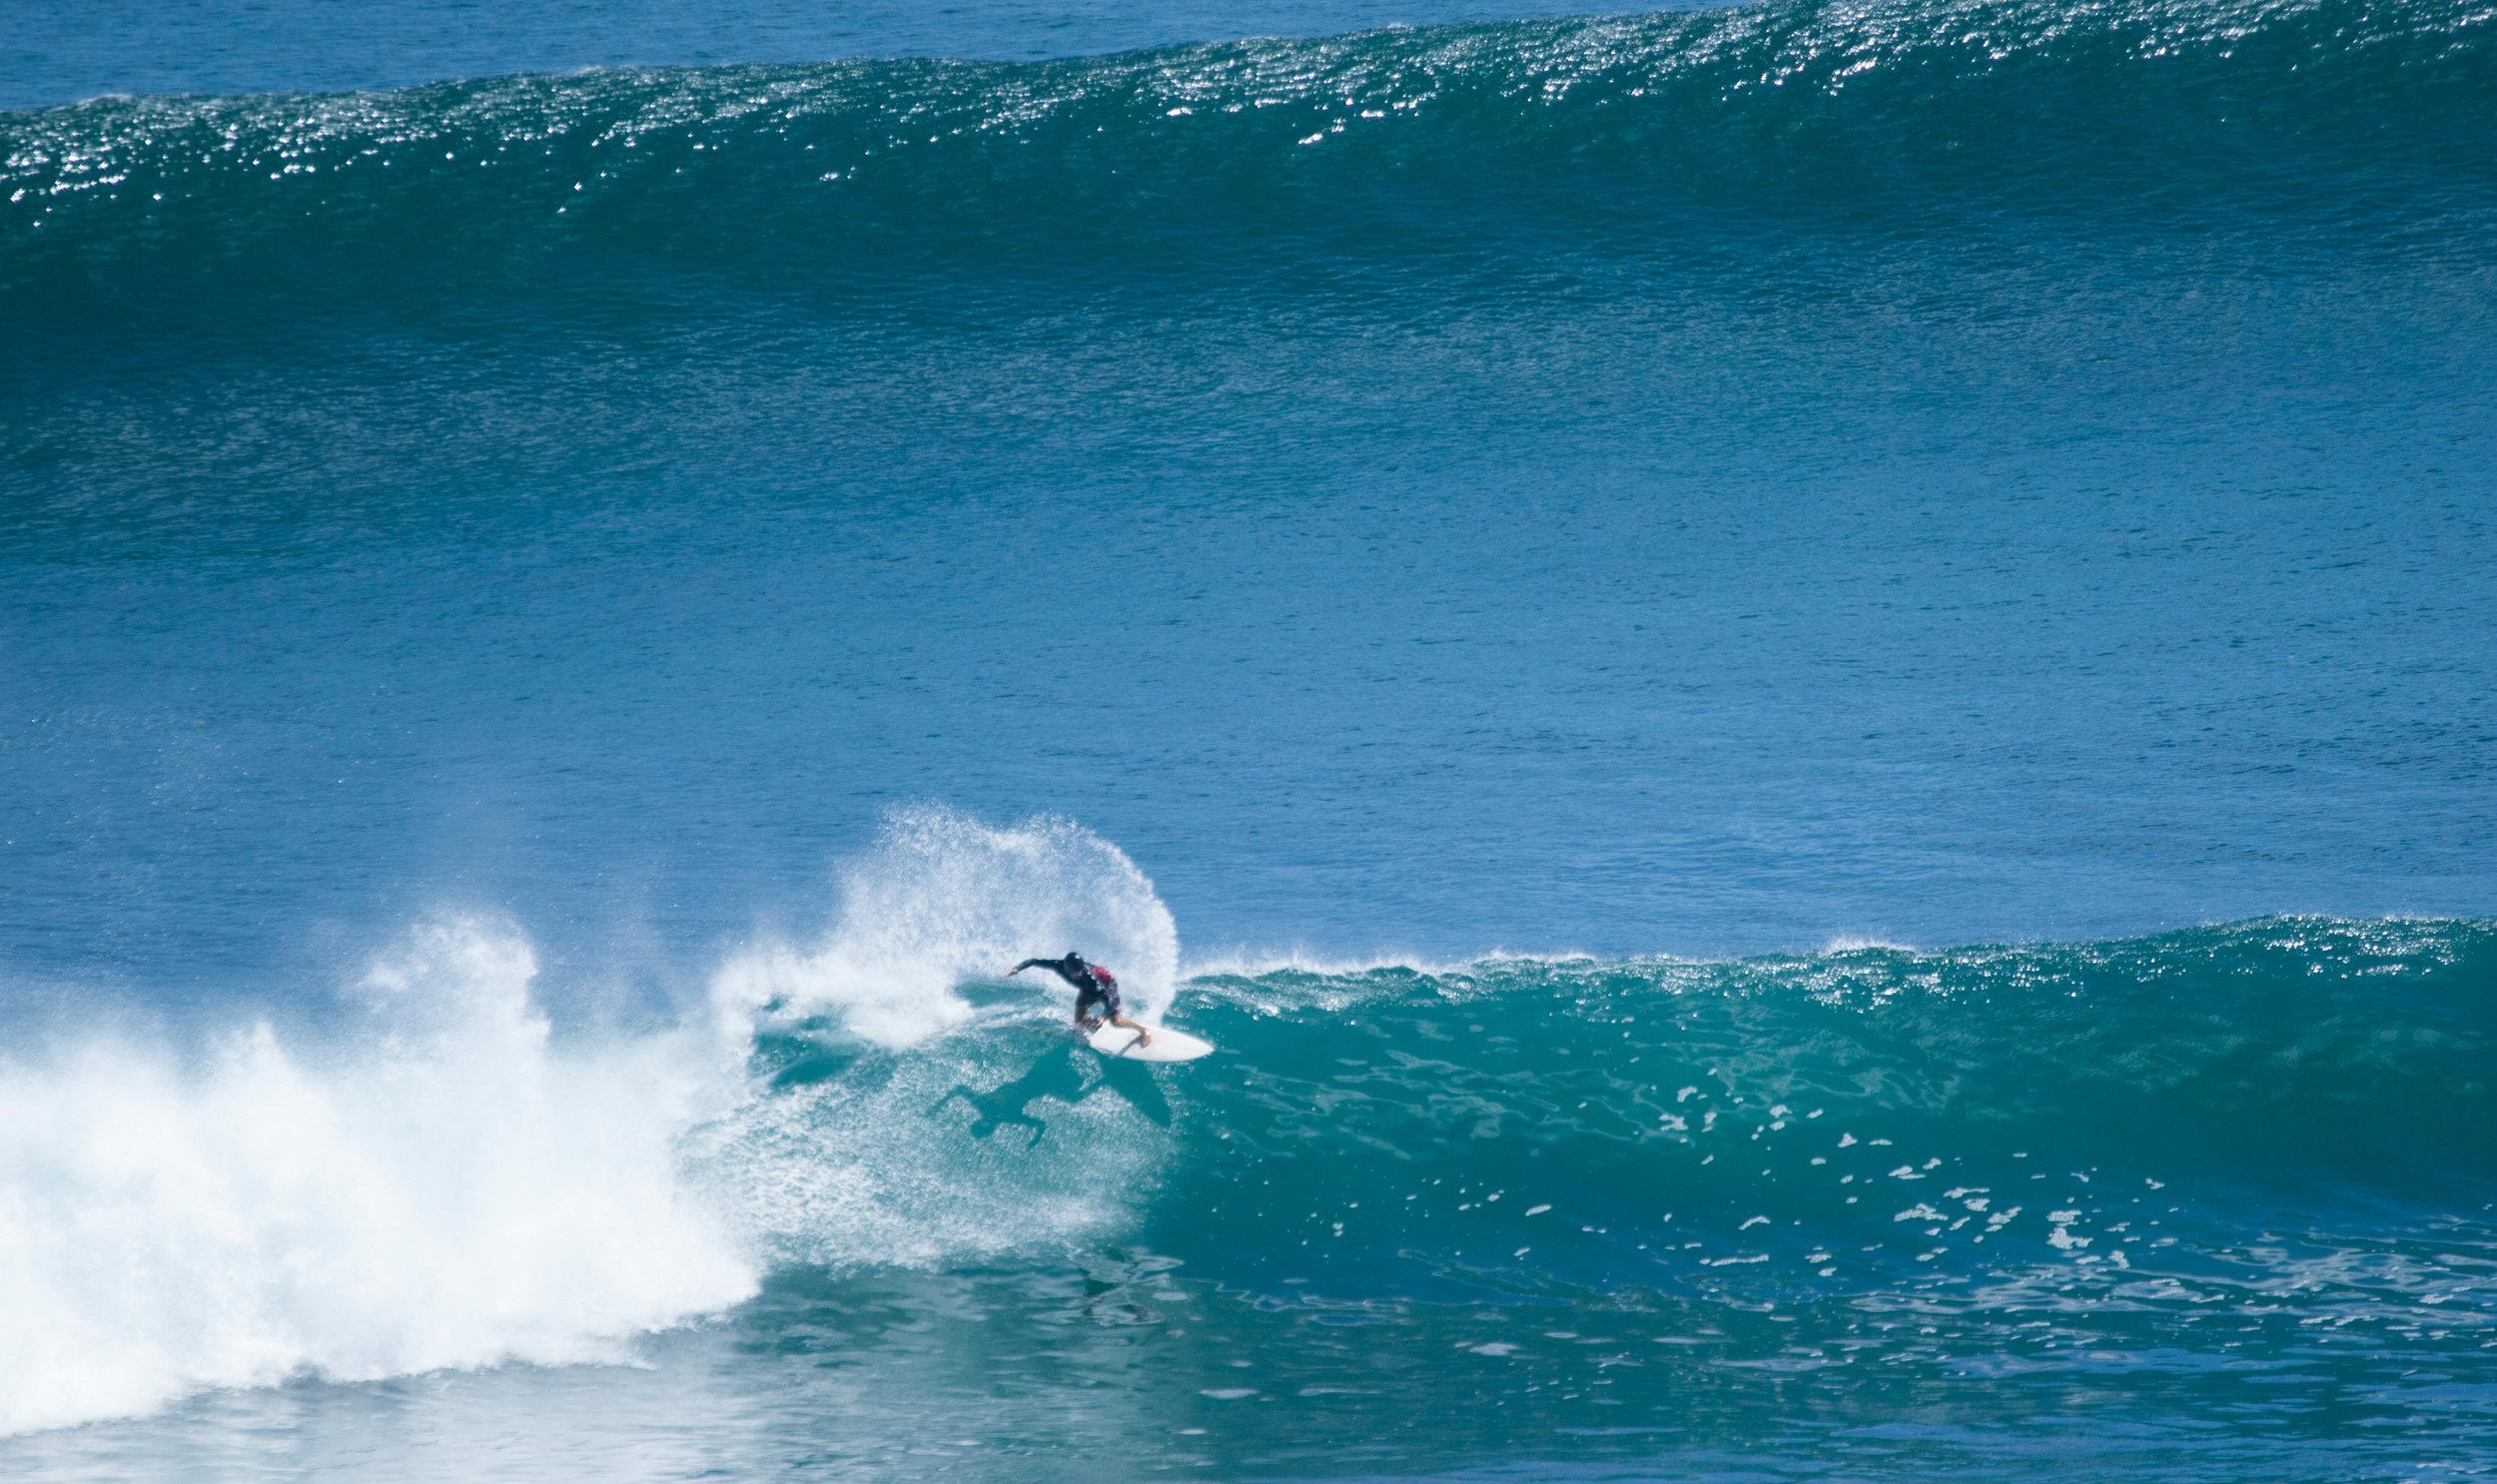 11. Anantara Uluwatu Surfing (2).jpg